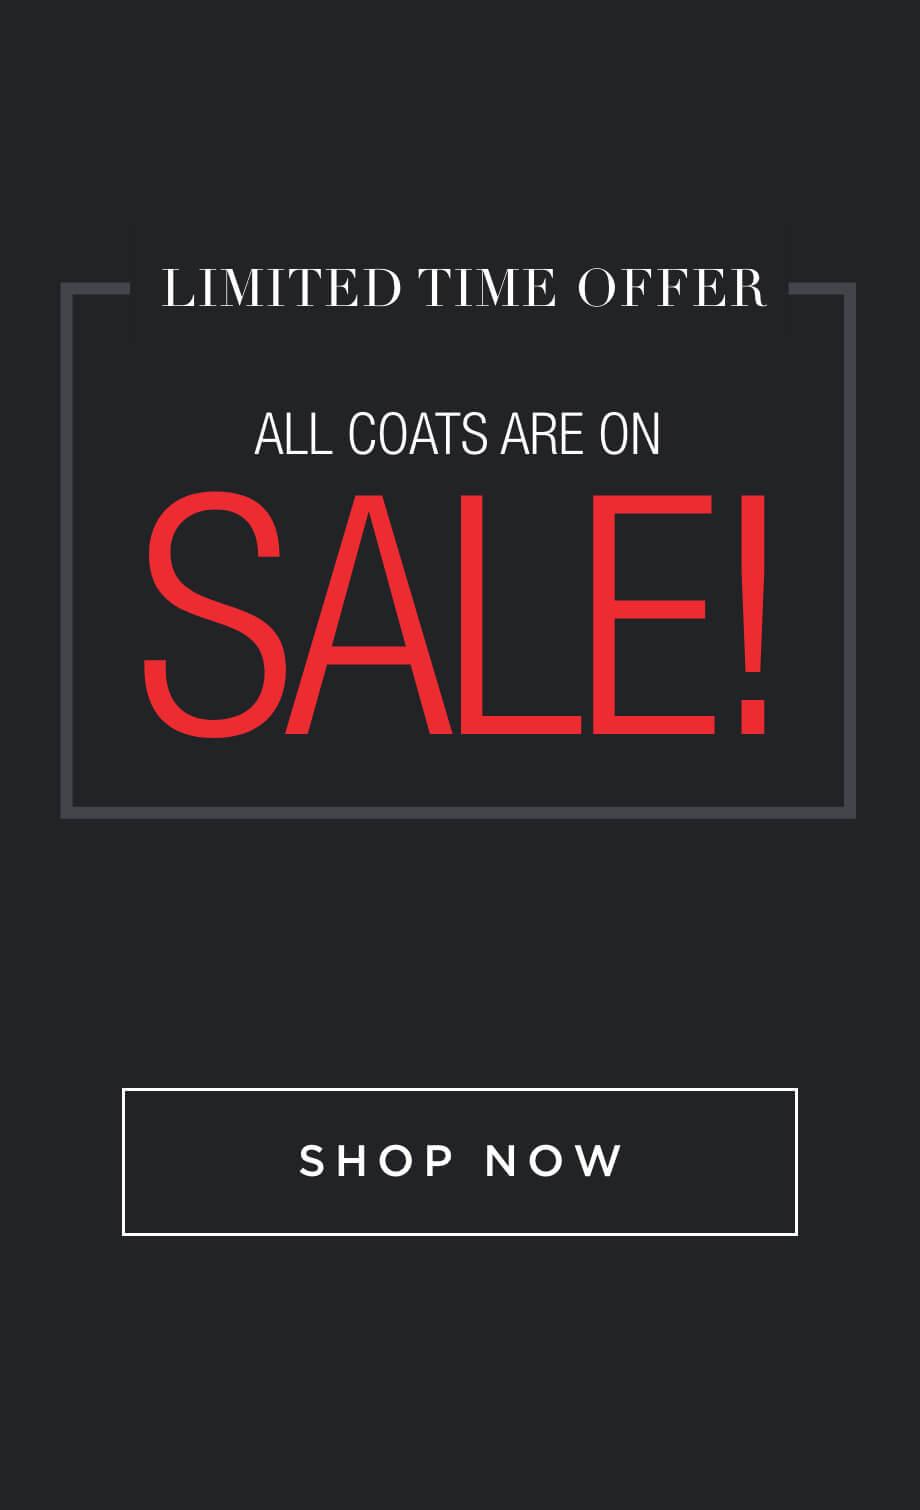 30% off Coats